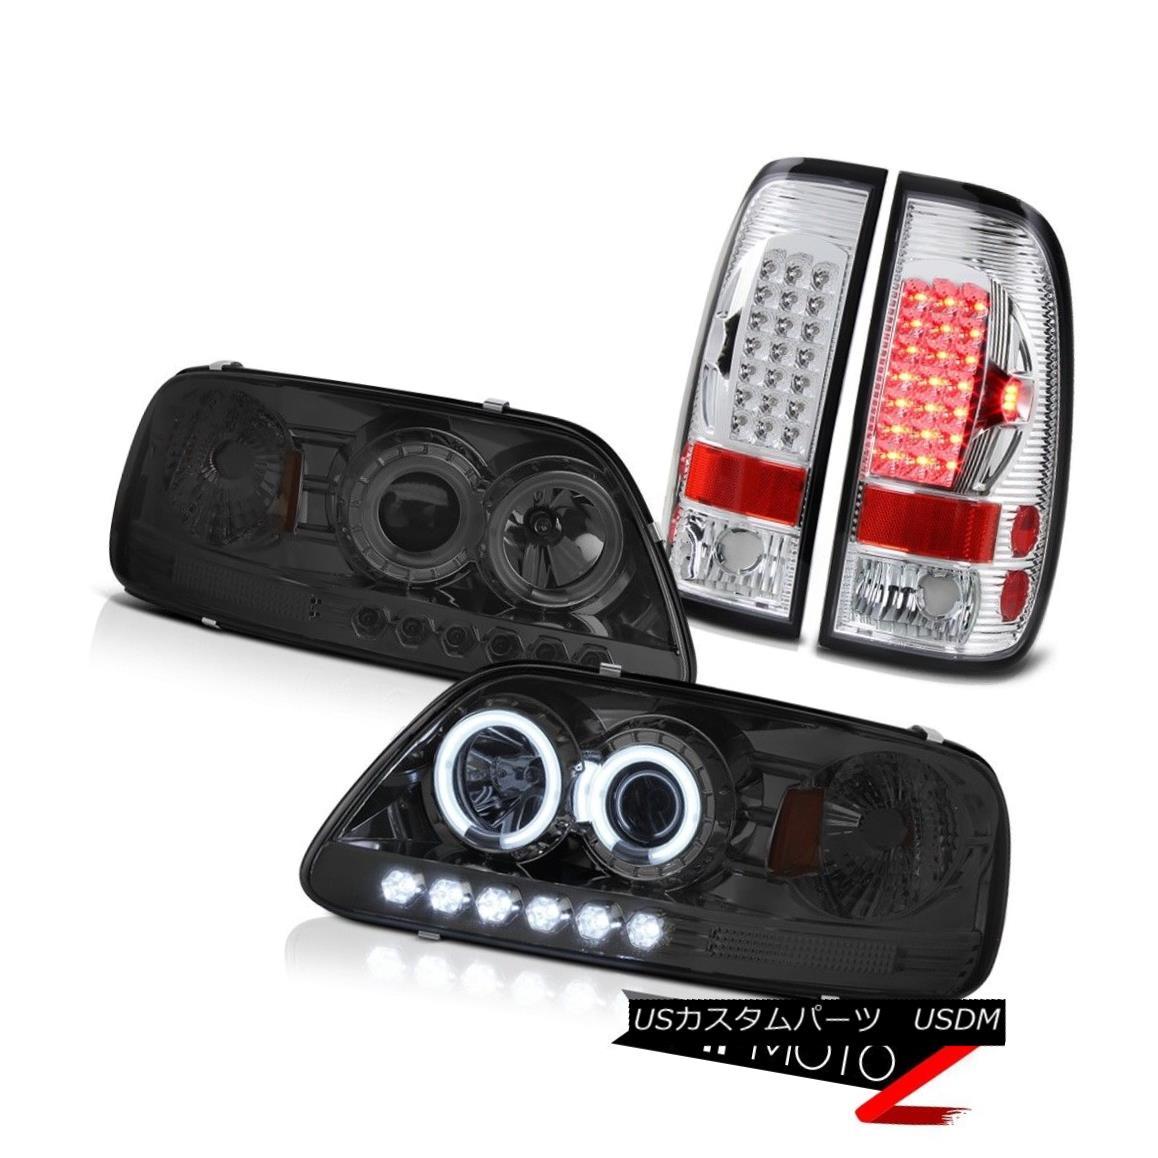 ヘッドライト F150 Harley Davidson 2001 2002 2003 Dual CCFL Halo Ring Headlight LED Tail Light F150ハーレーダビッドソン2001 2002 2003デュアルCCFLハローリングヘッドライトLEDテールライト